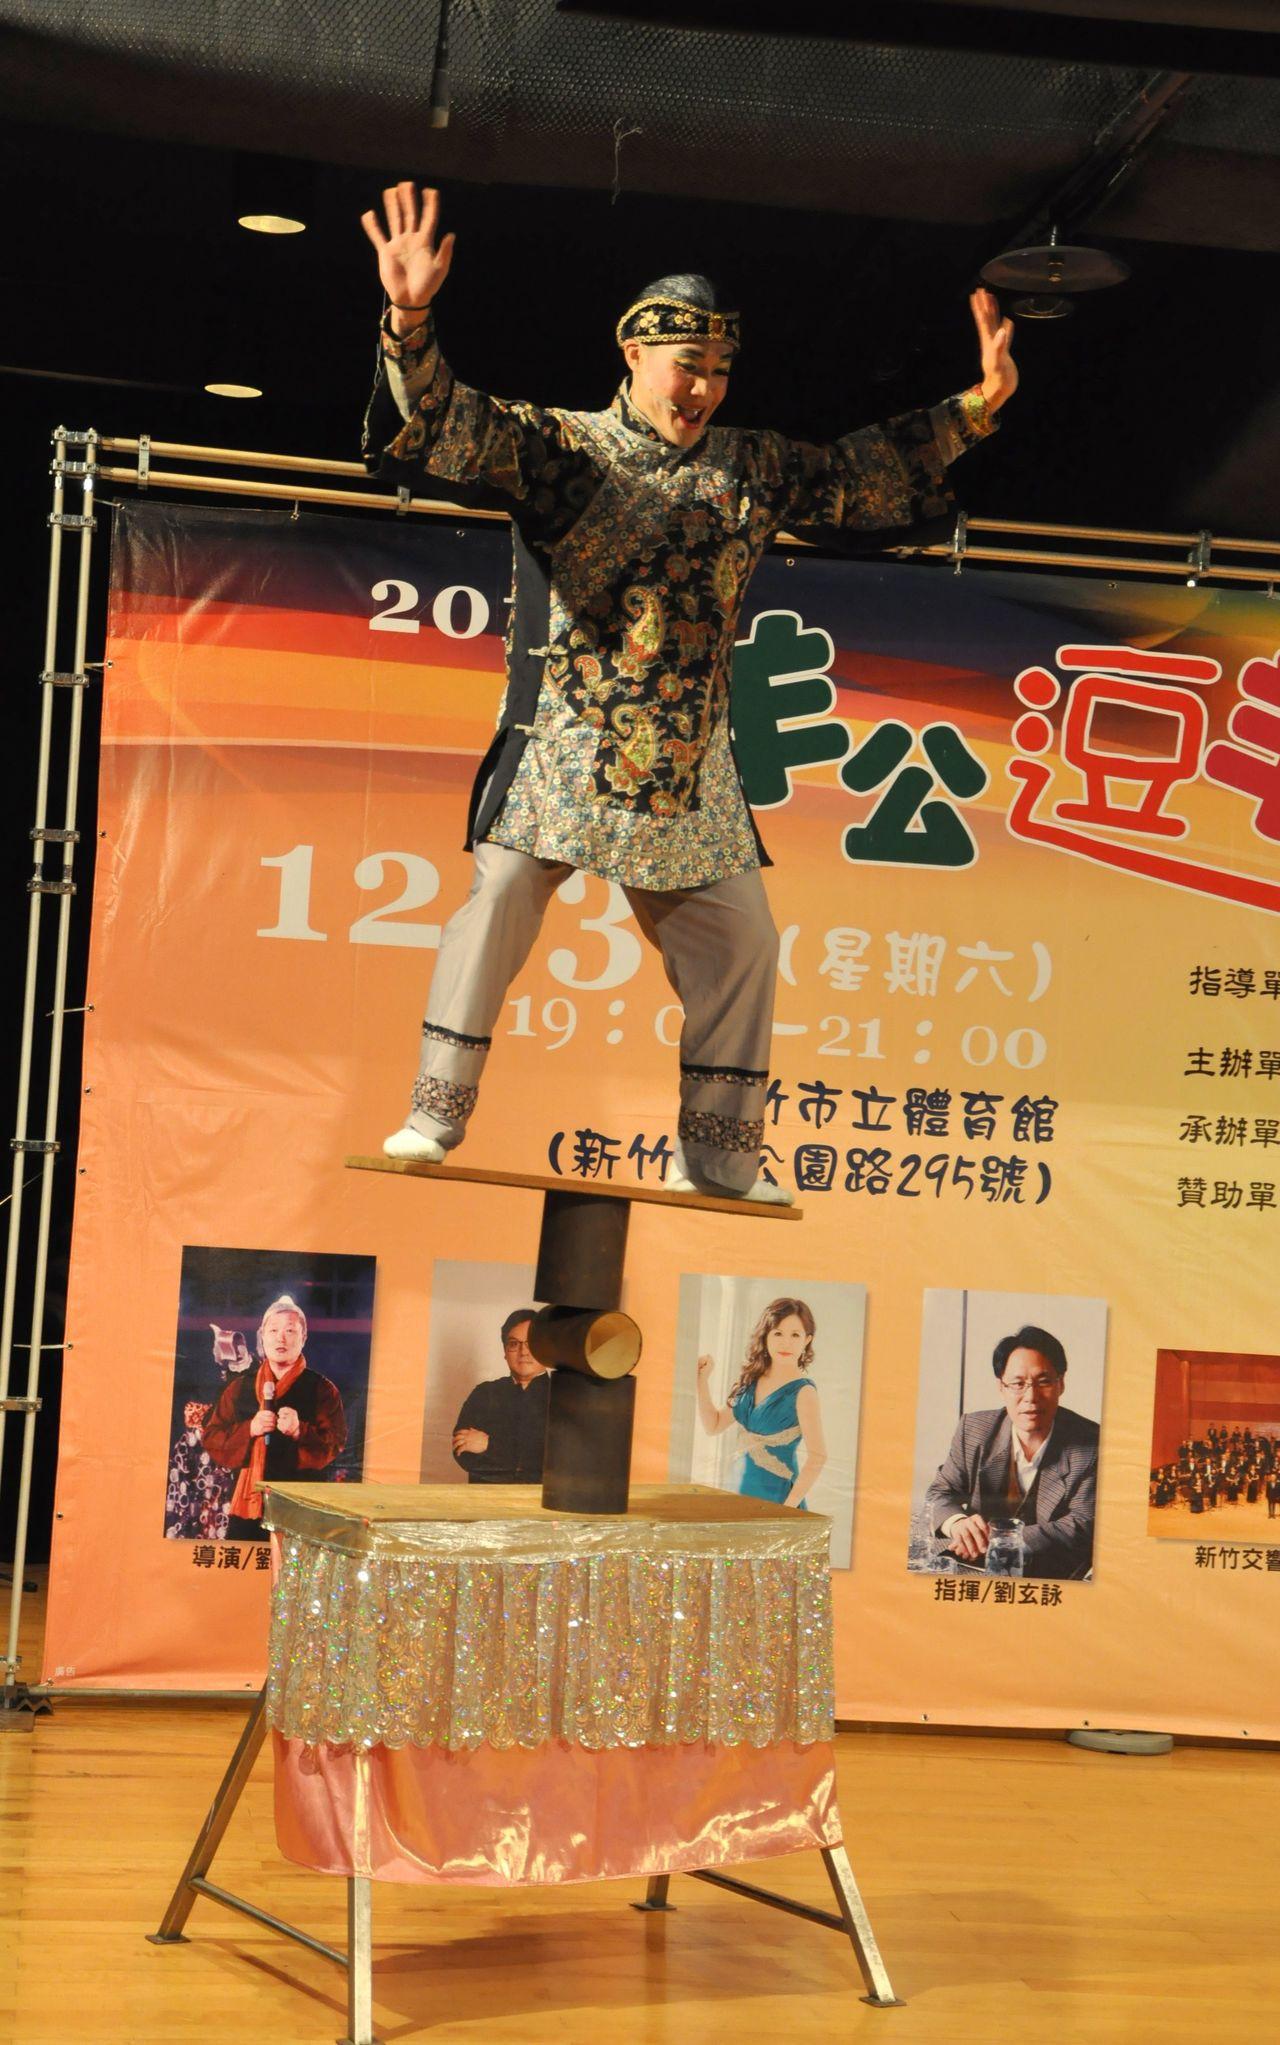 新竹市「羊公逗羊婆歡樂過新年」親子音樂會,12月30日晚上7時將在新竹市立體育館...